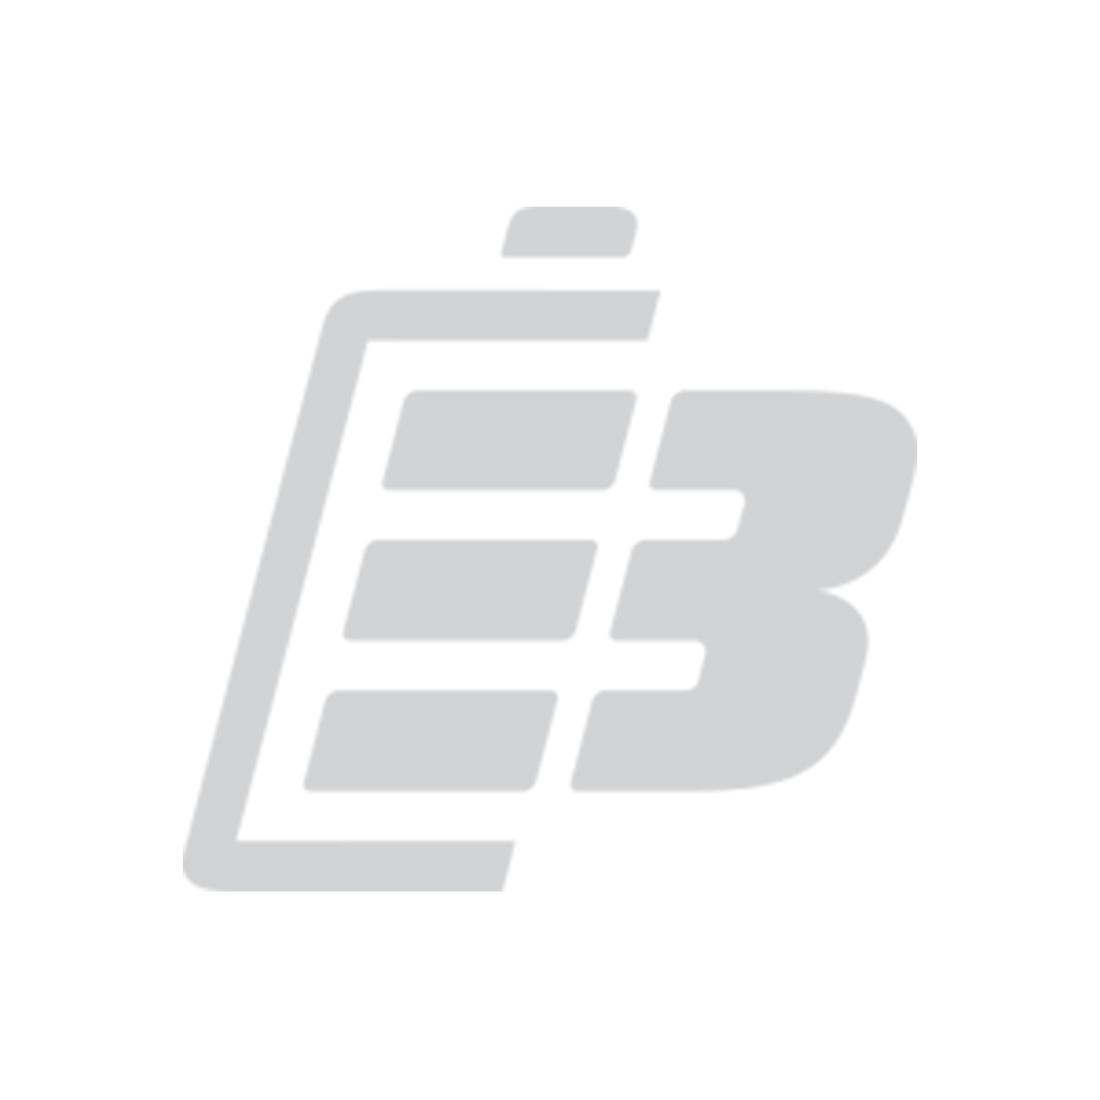 Μπαταρια Μολυβδου Multipower 6V 2Ah